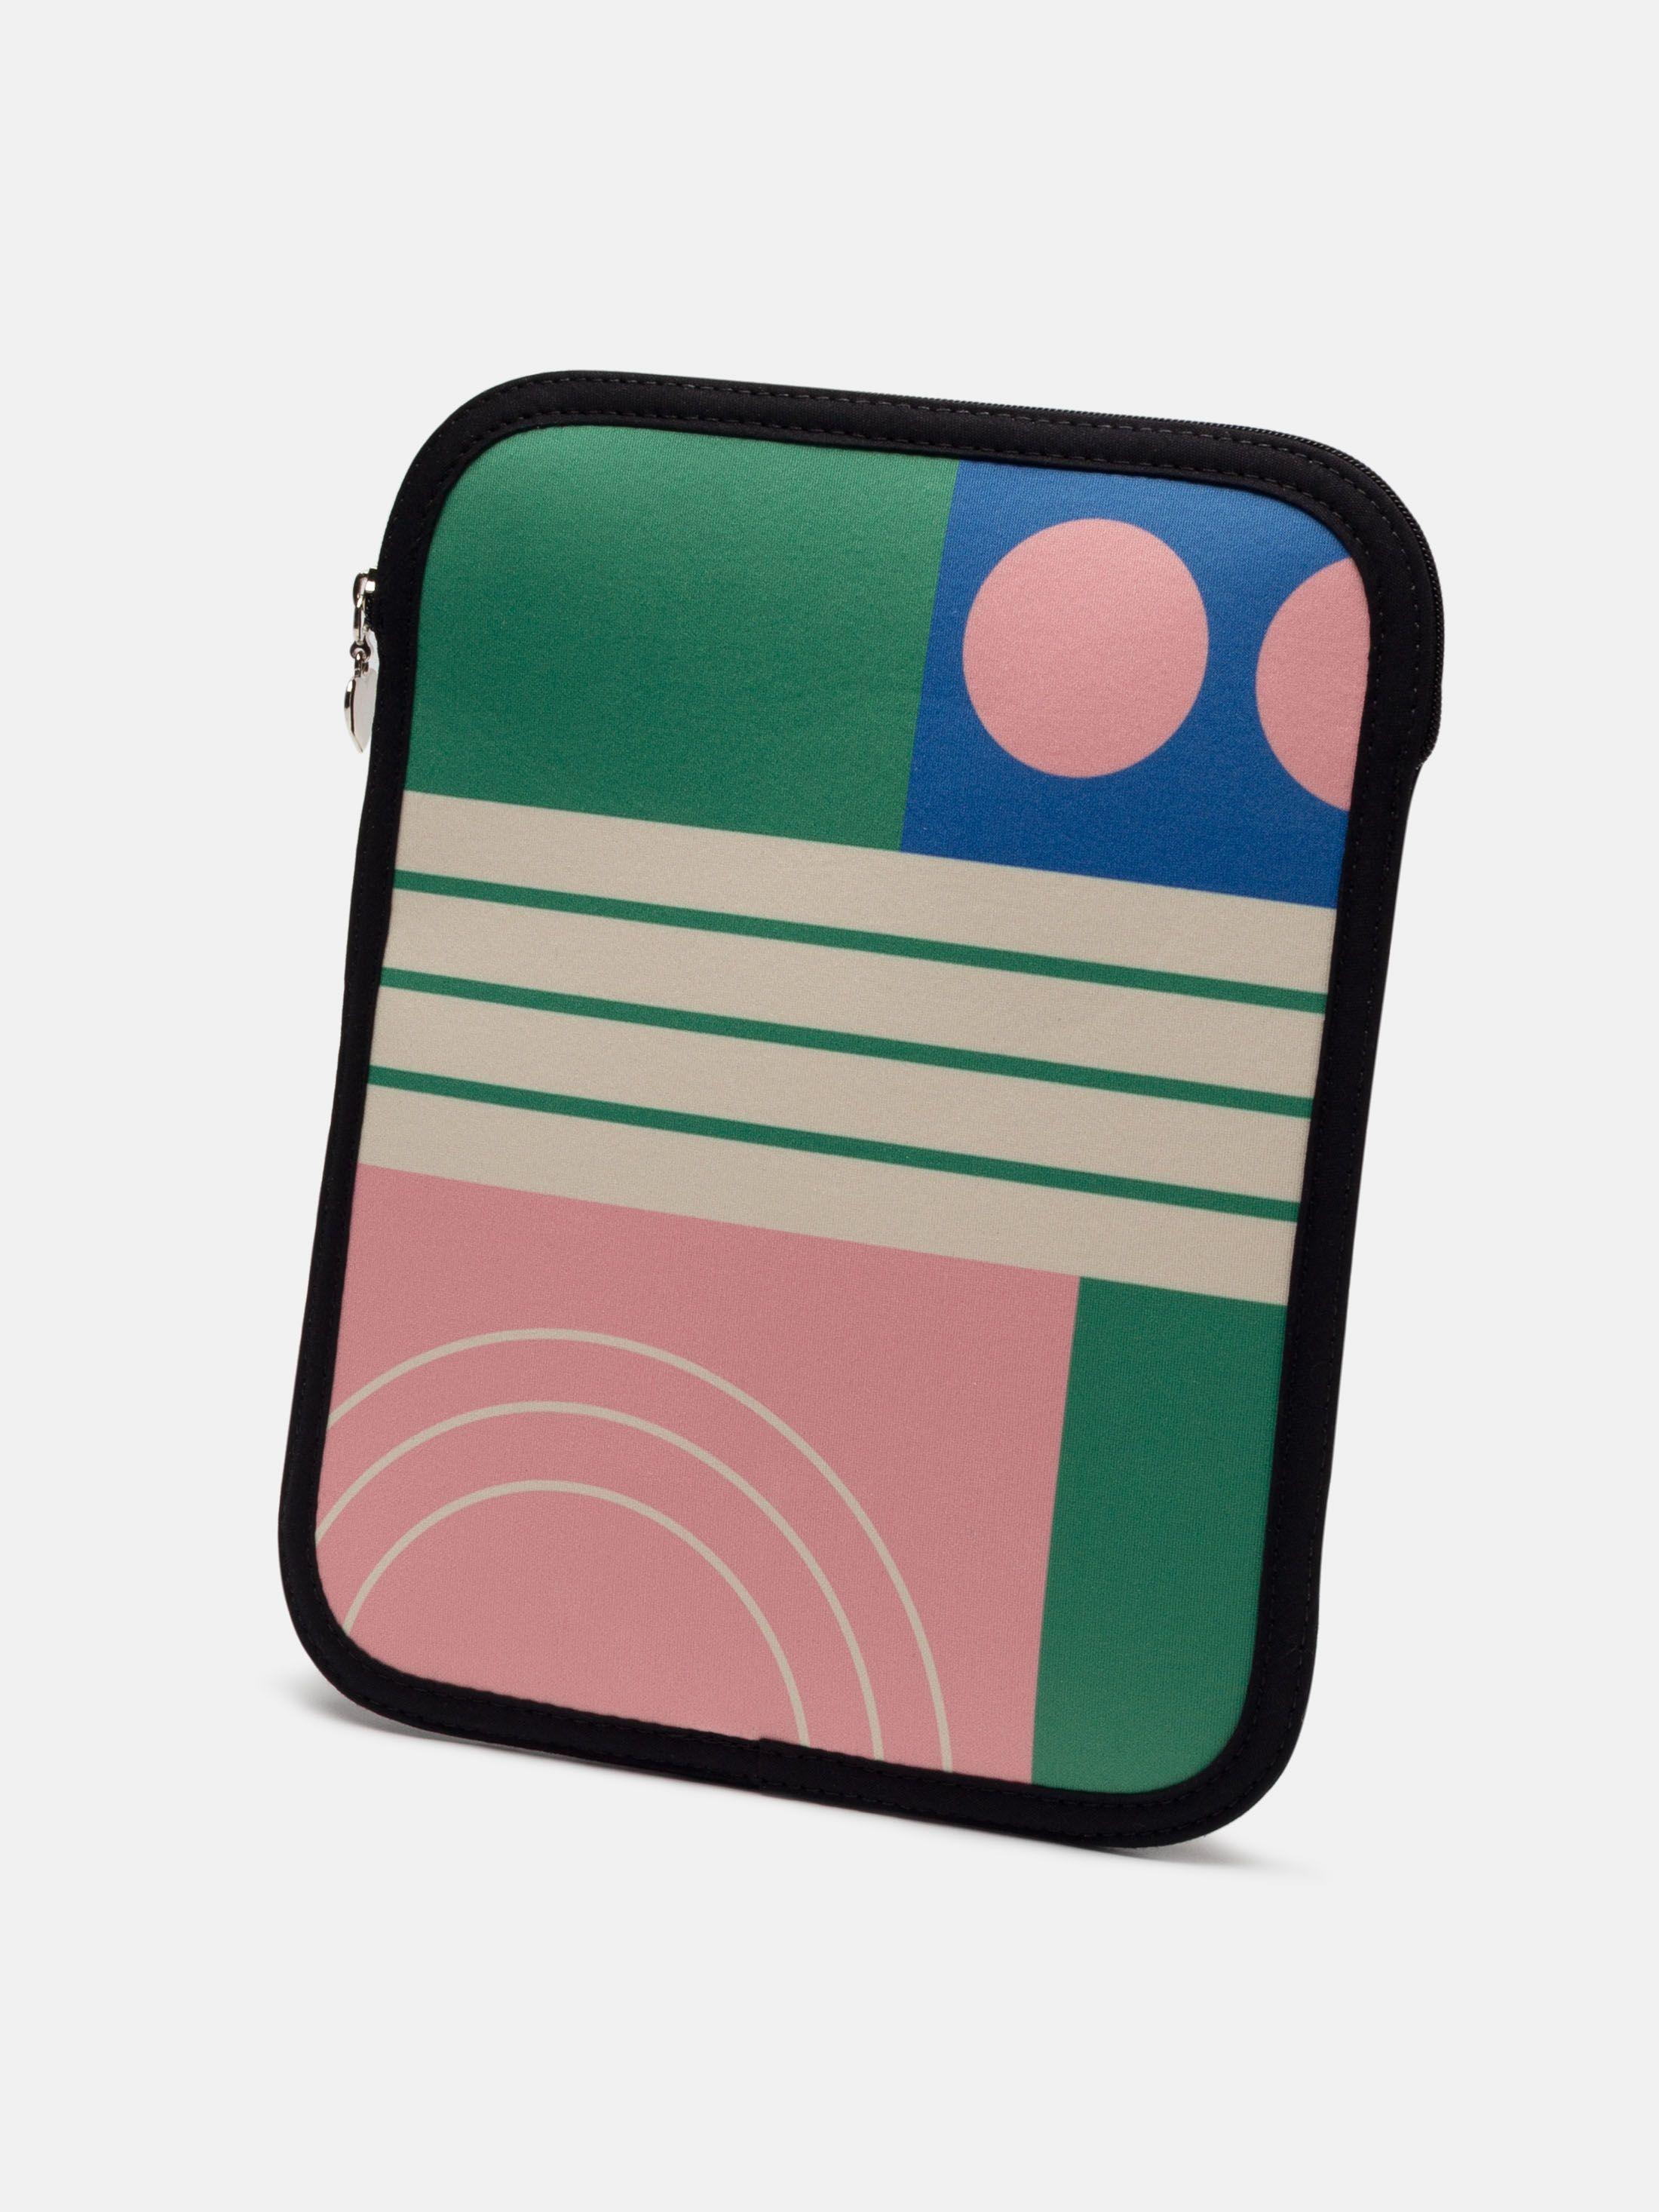 design your ipad case